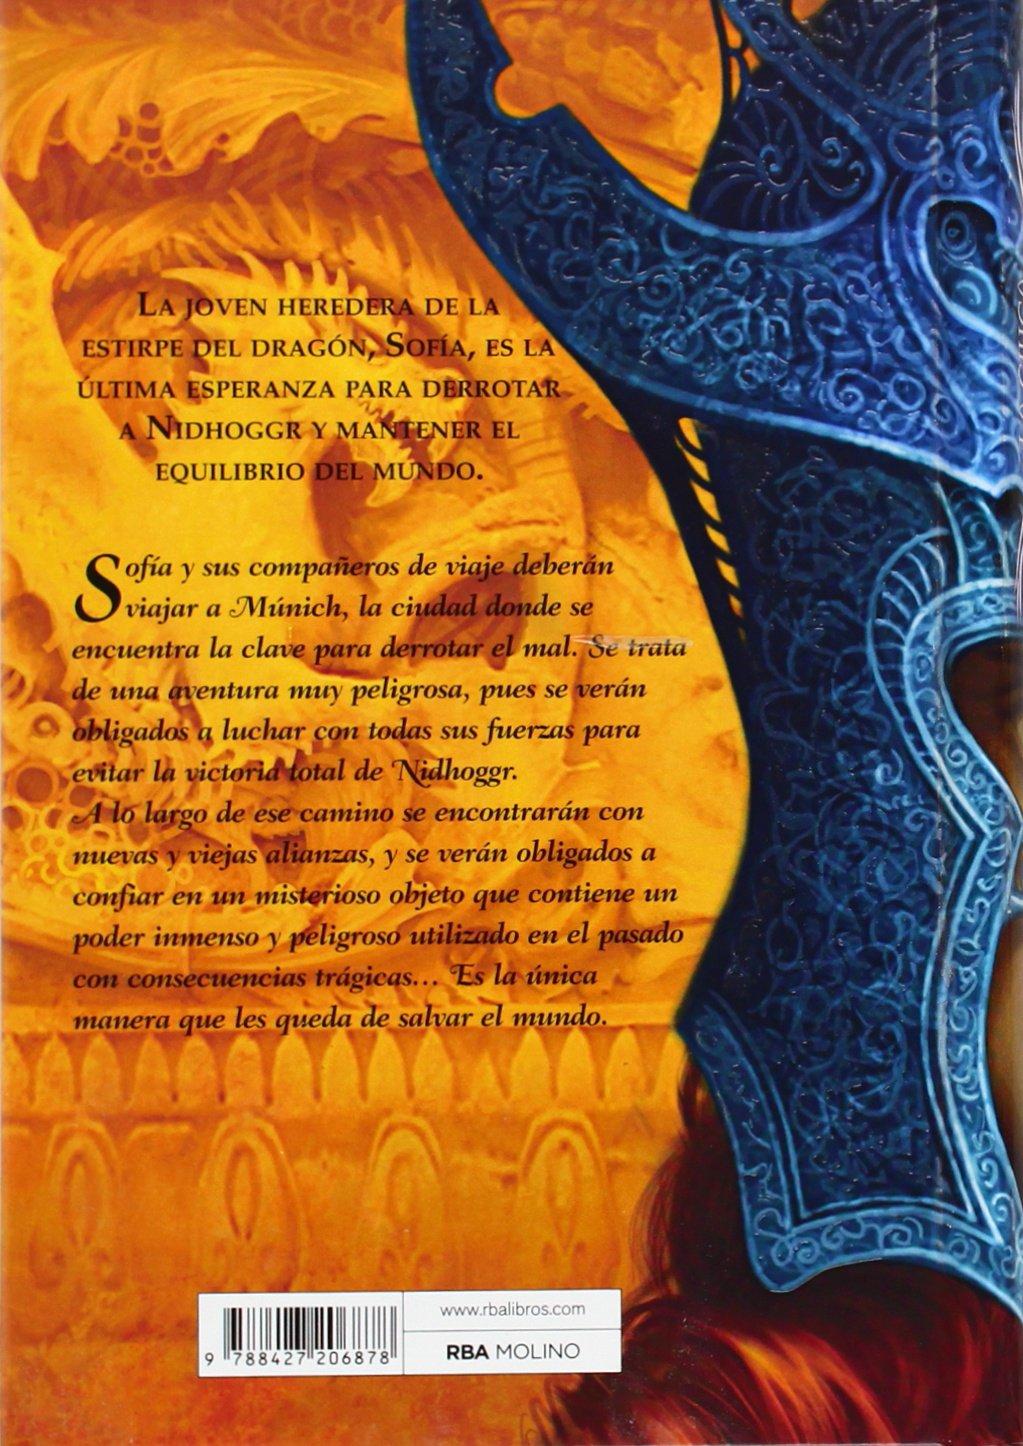 La Chica Dragn 3 El Reloj de Arena (La Chica Dragón / the Dragon Girl) (Spanish Edition): Licia Troisi, Helena Aguila Ruzola: 9788427206878: Amazon.com: ...